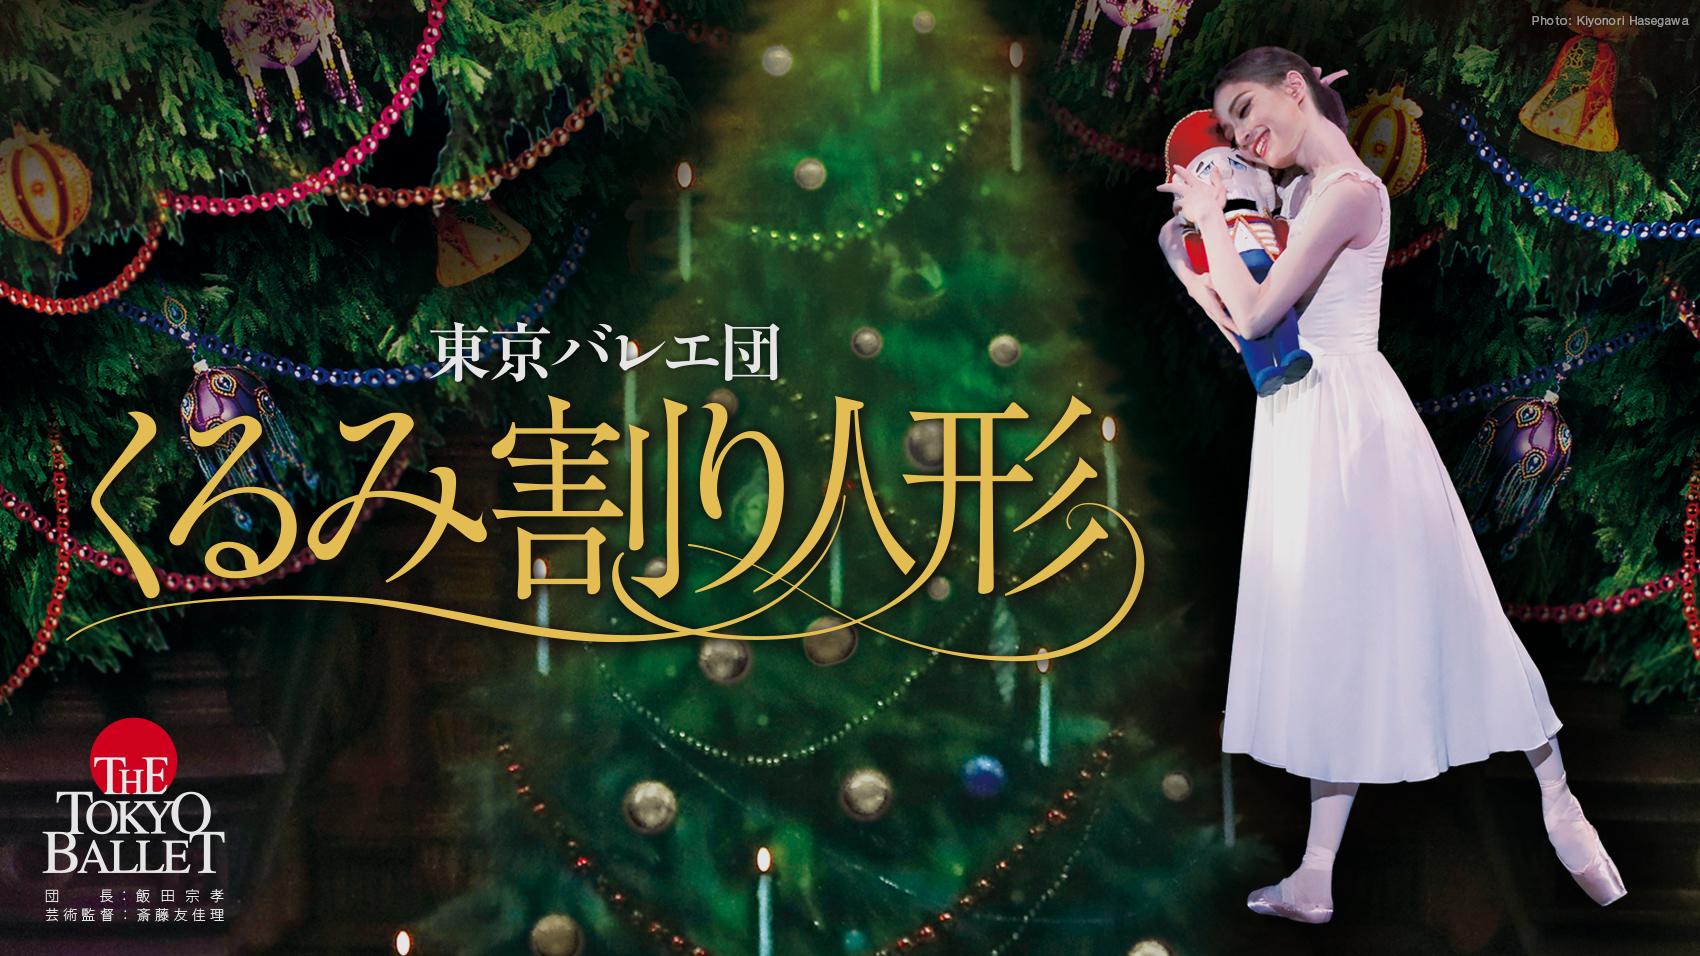 東京バレエ団「くるみ割り人形 2021」